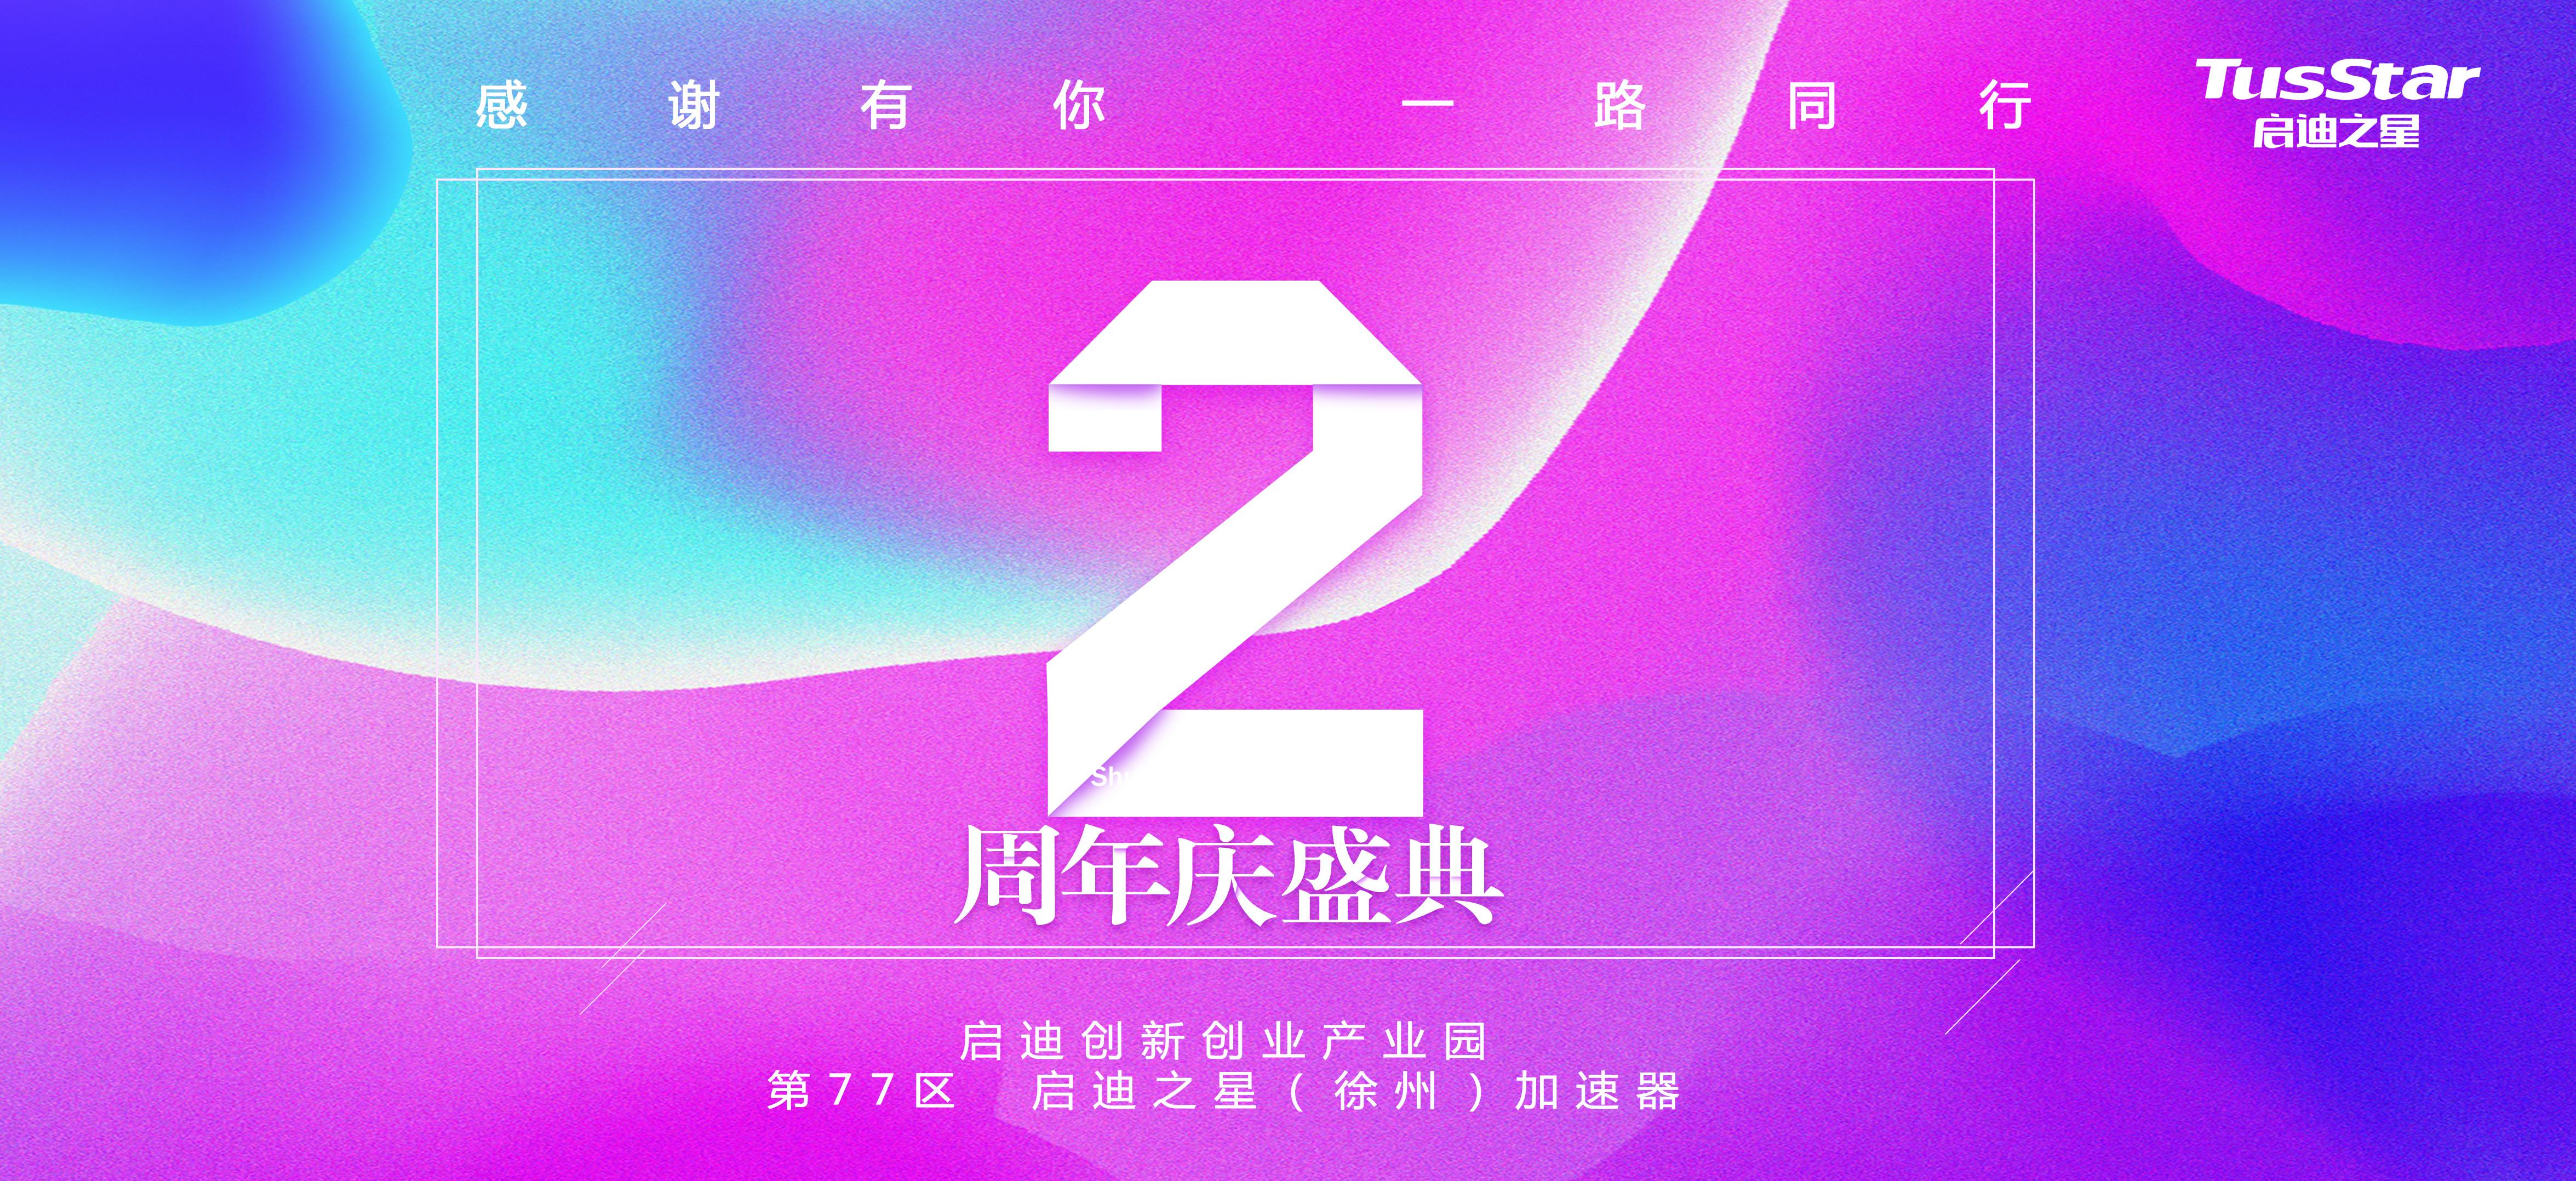 启迪之星(徐州)加速器2周年庆特别活动